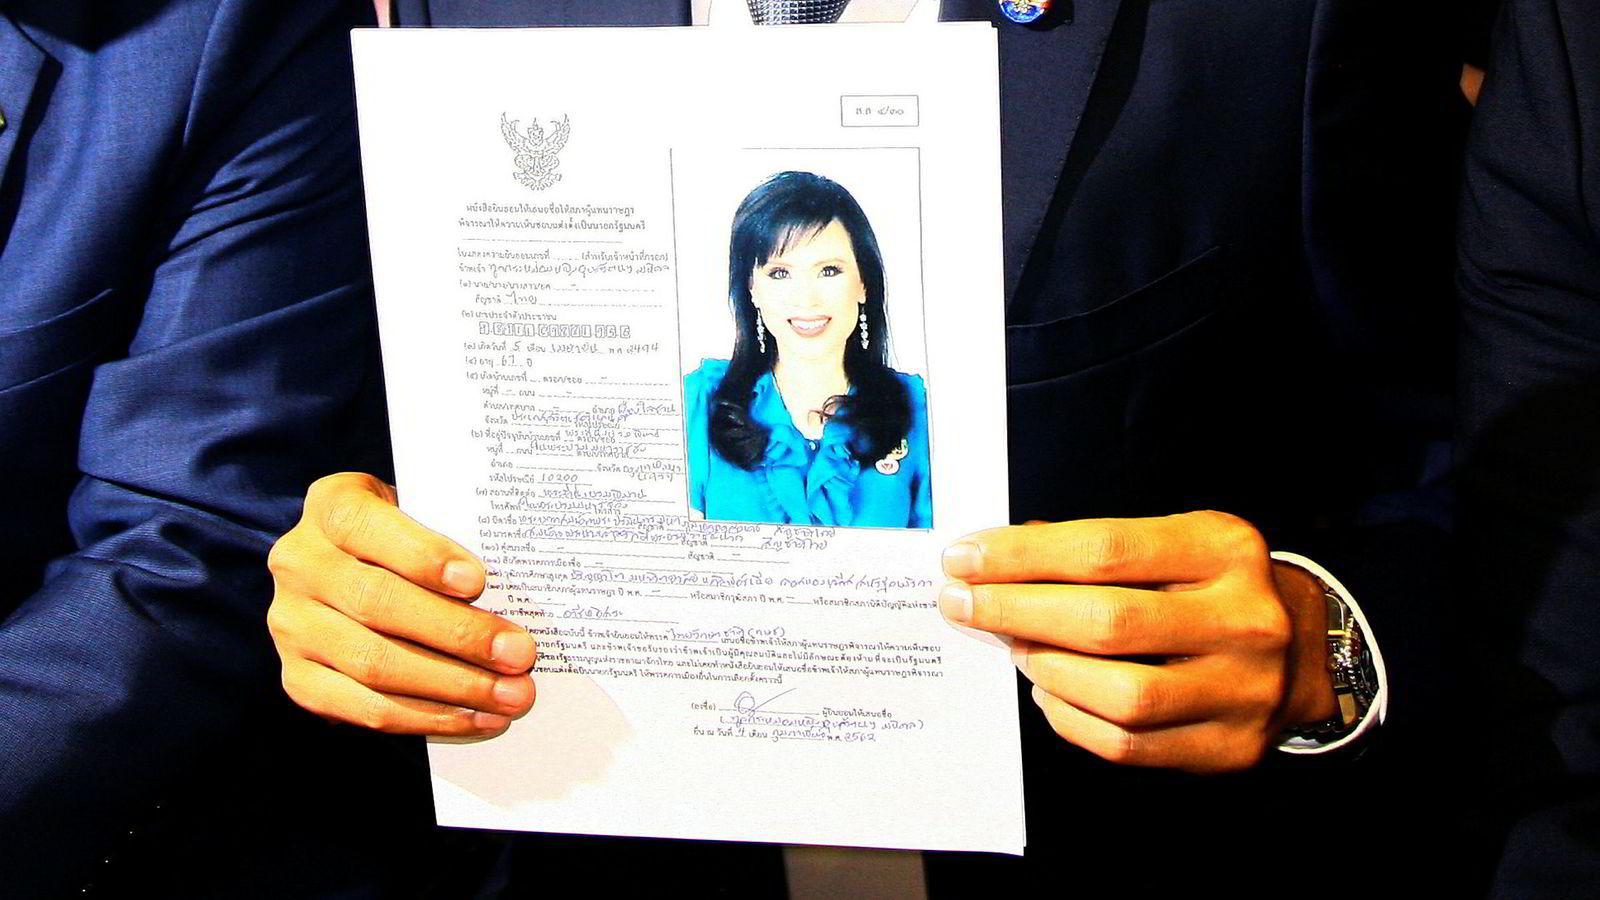 Fredag nominerte partiet Thai Raksa Chart prinsesse Ubolratana til statsministerkandidat, noe som ikke falt i god jord hos den sittende kong Maha Vajiralongkorn. Her holder partiets leder opp et bilde av prinsessen.